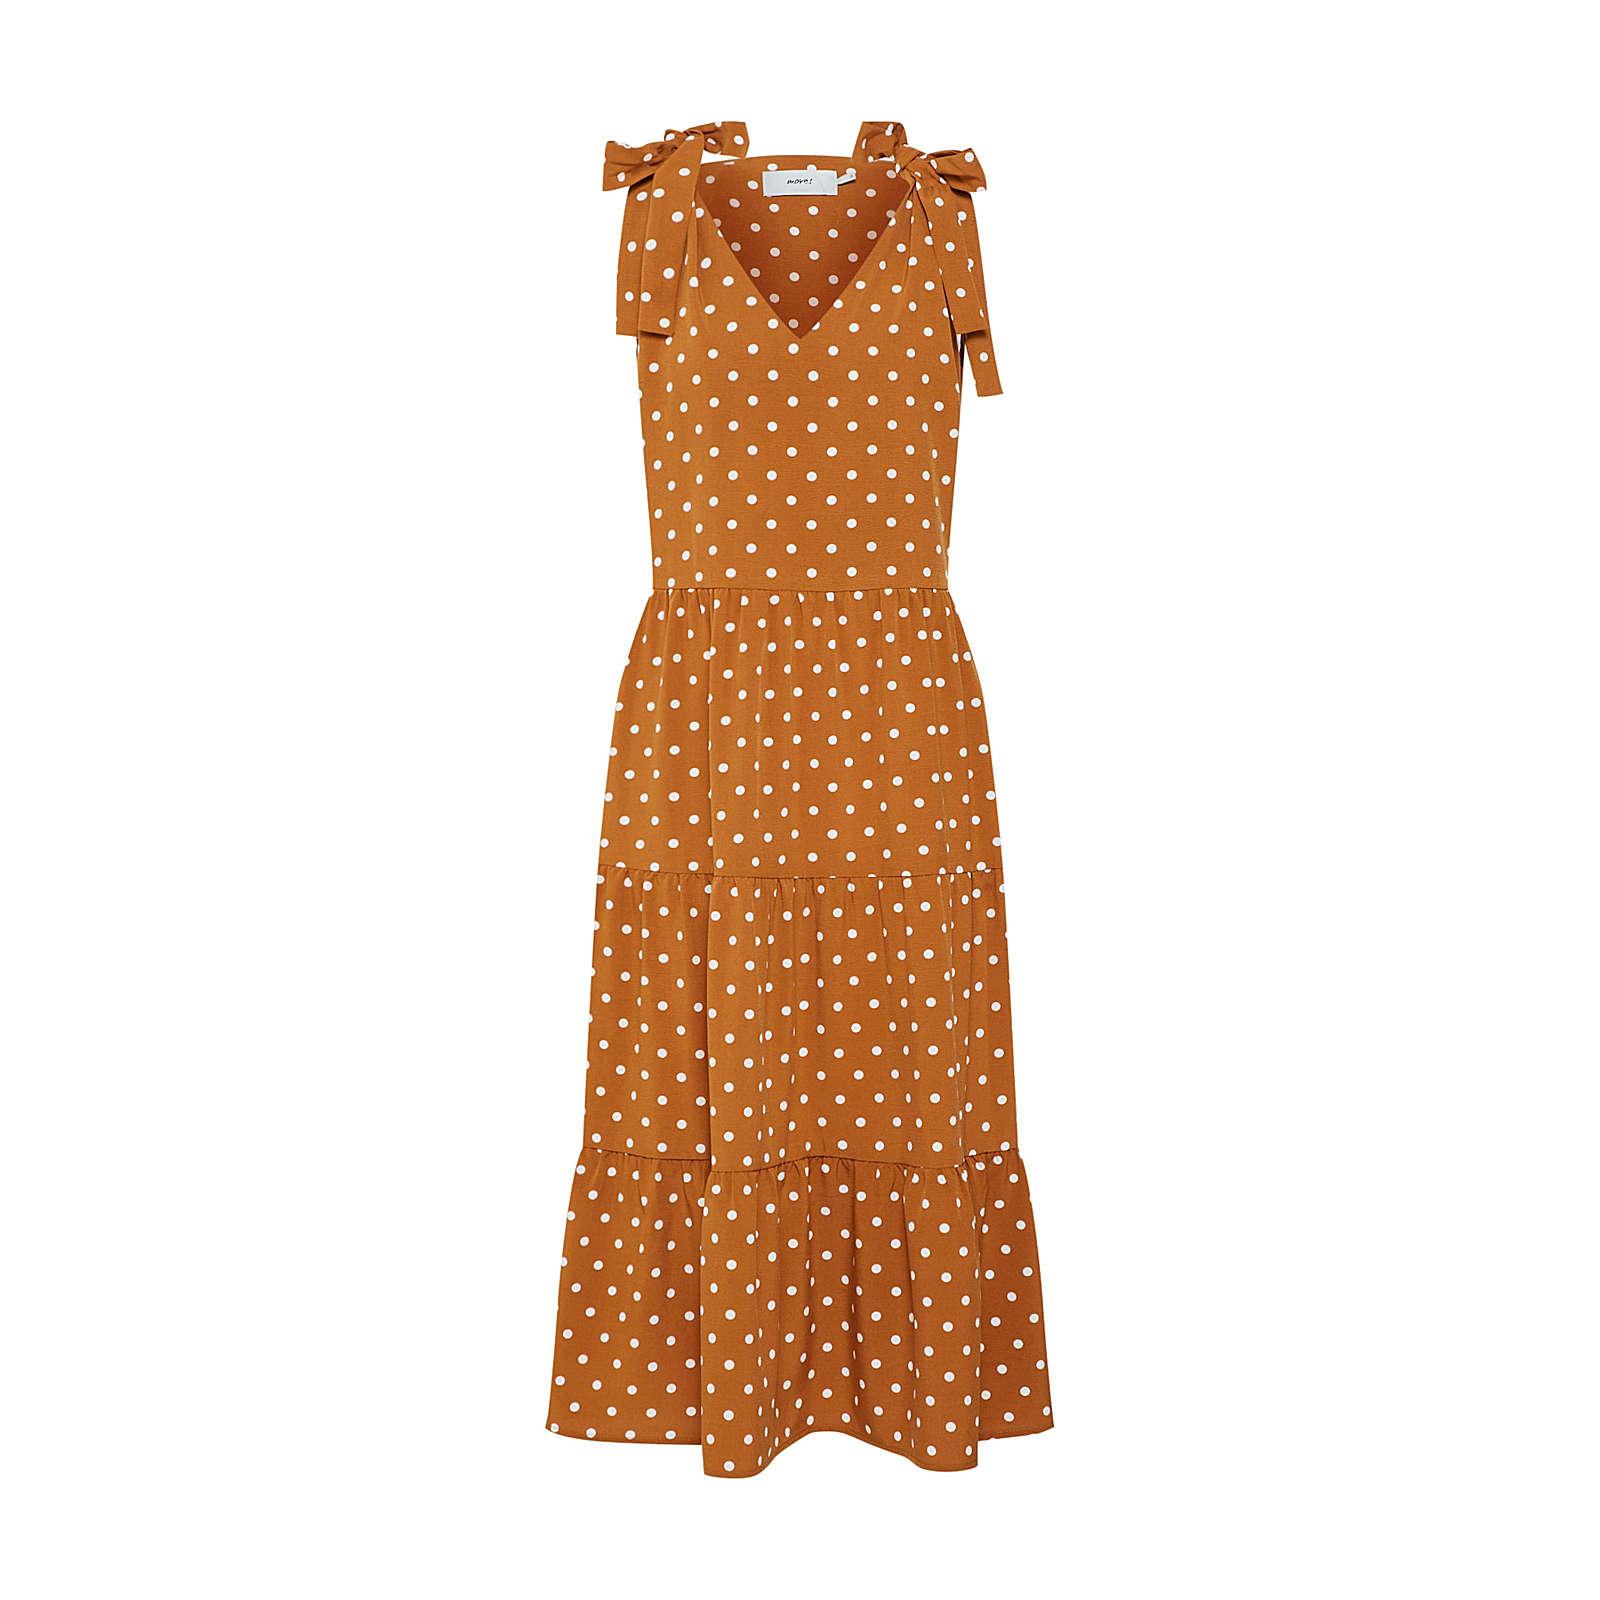 Moves Sommerkleid Sommerkleider gelb Damen Gr. 40